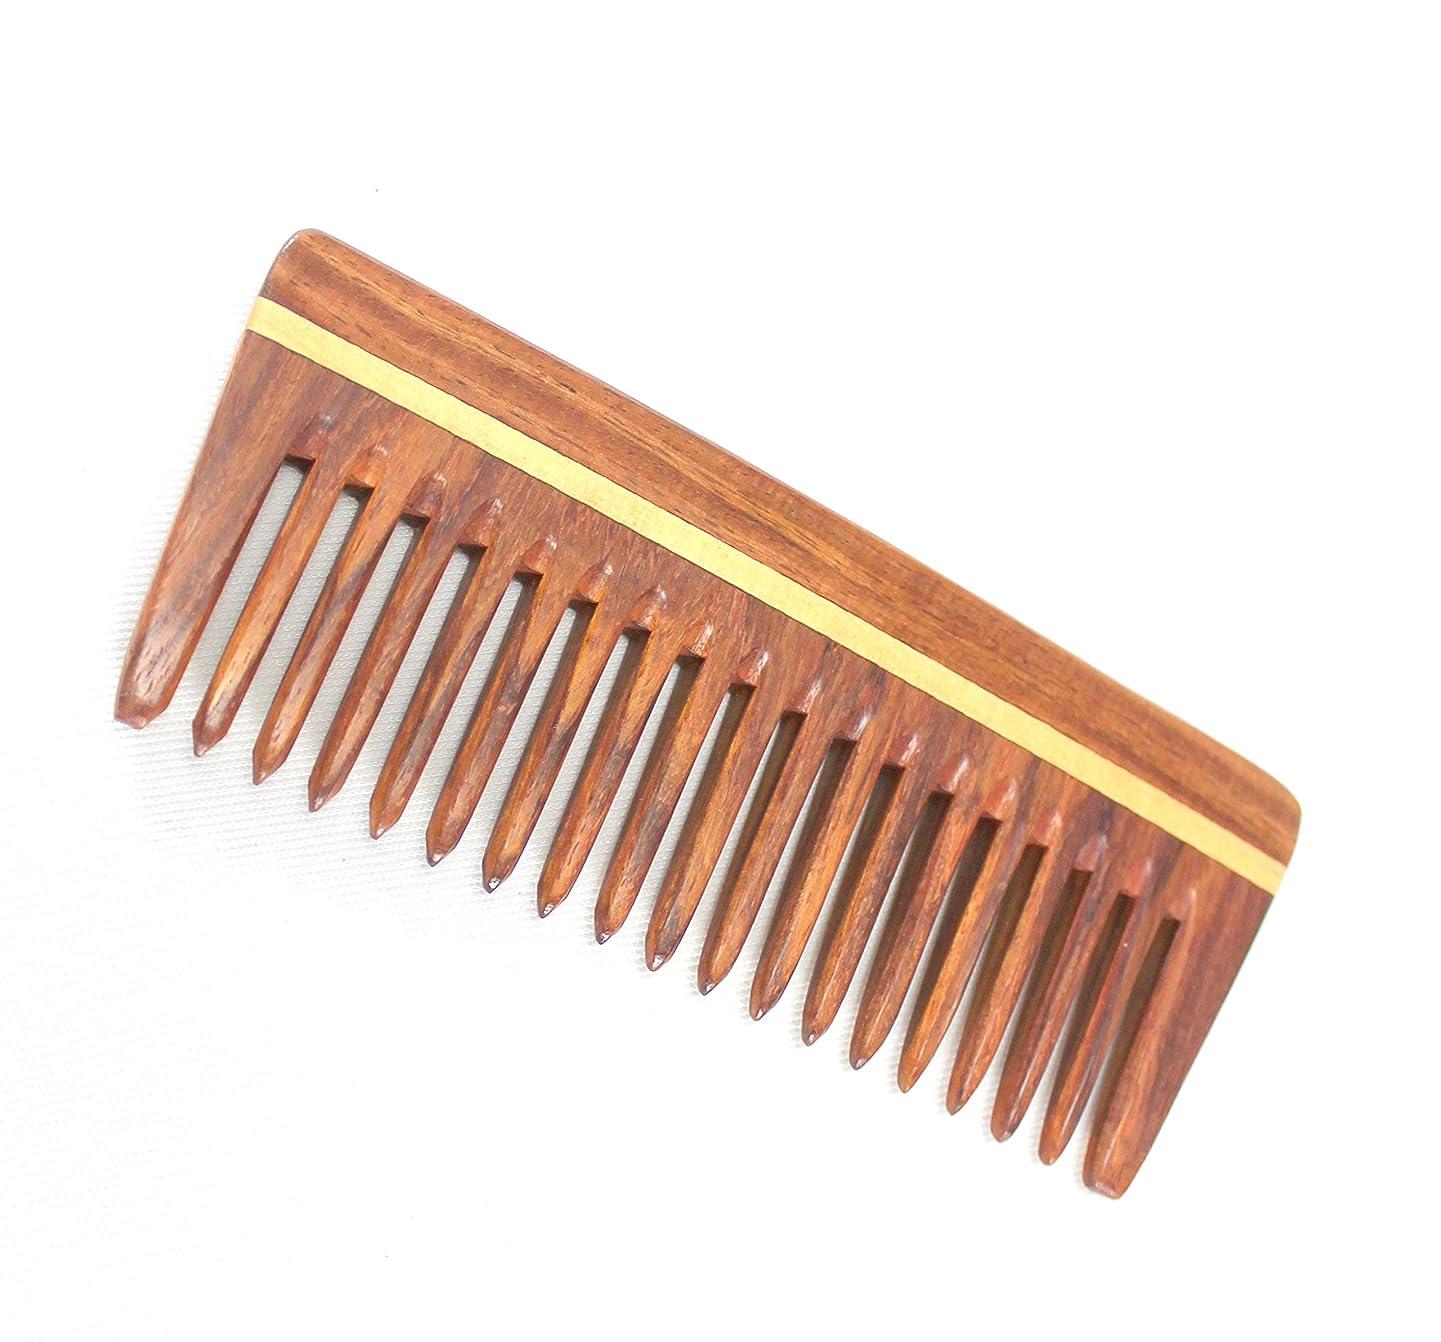 ヘクタール残る表現eSplanade男性用&女性用木製櫛 - インディアンローズウッドの手作り静電気防止頭髪、ひげ、フリーキャリングポーチ付きの口コキ